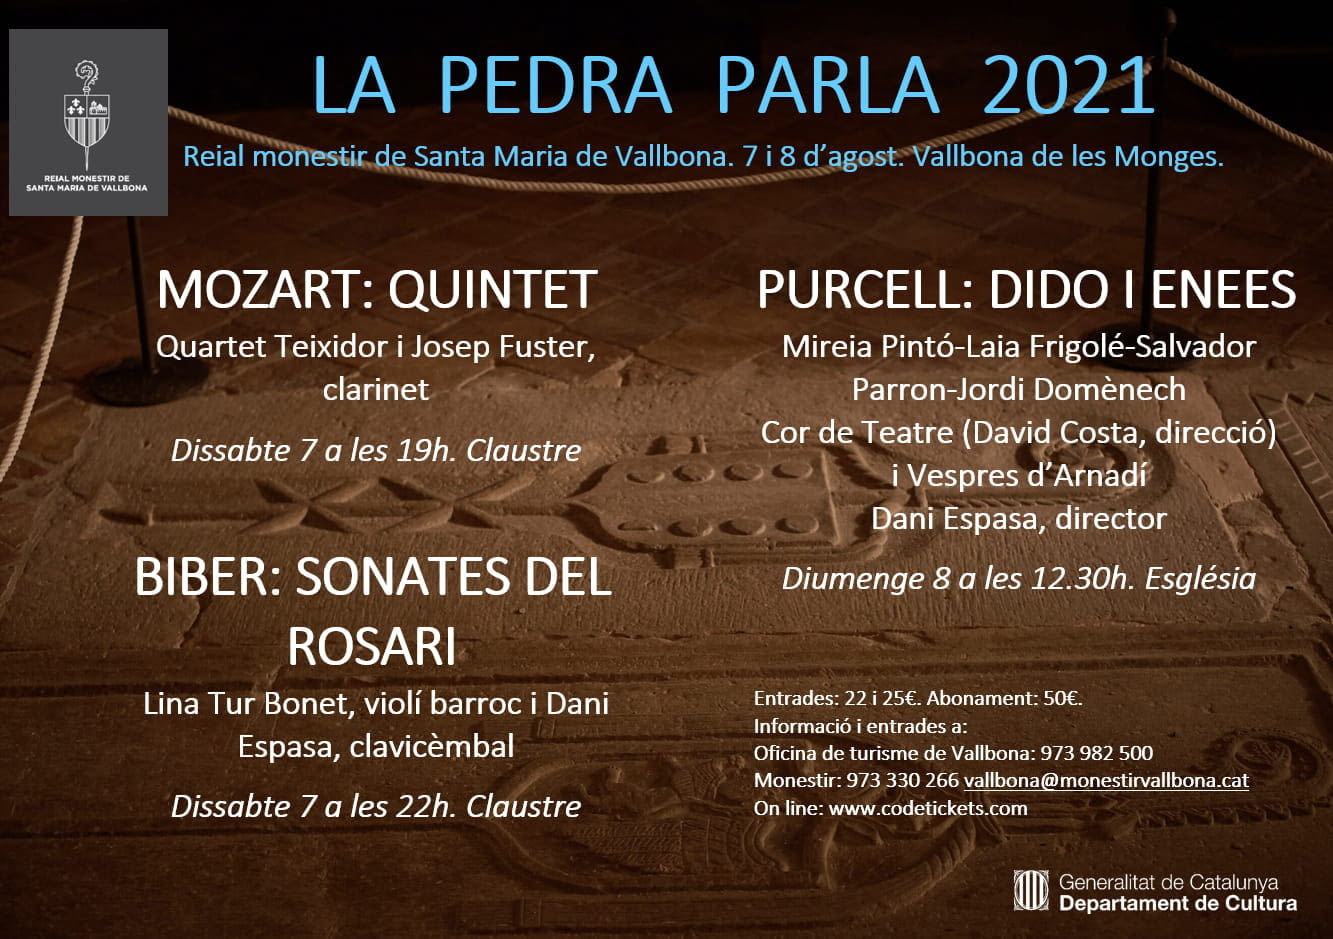 Cicle de concerts i visites guiades a l'agost  a Bellpuig, Tornabous i Vallbona de les Monges